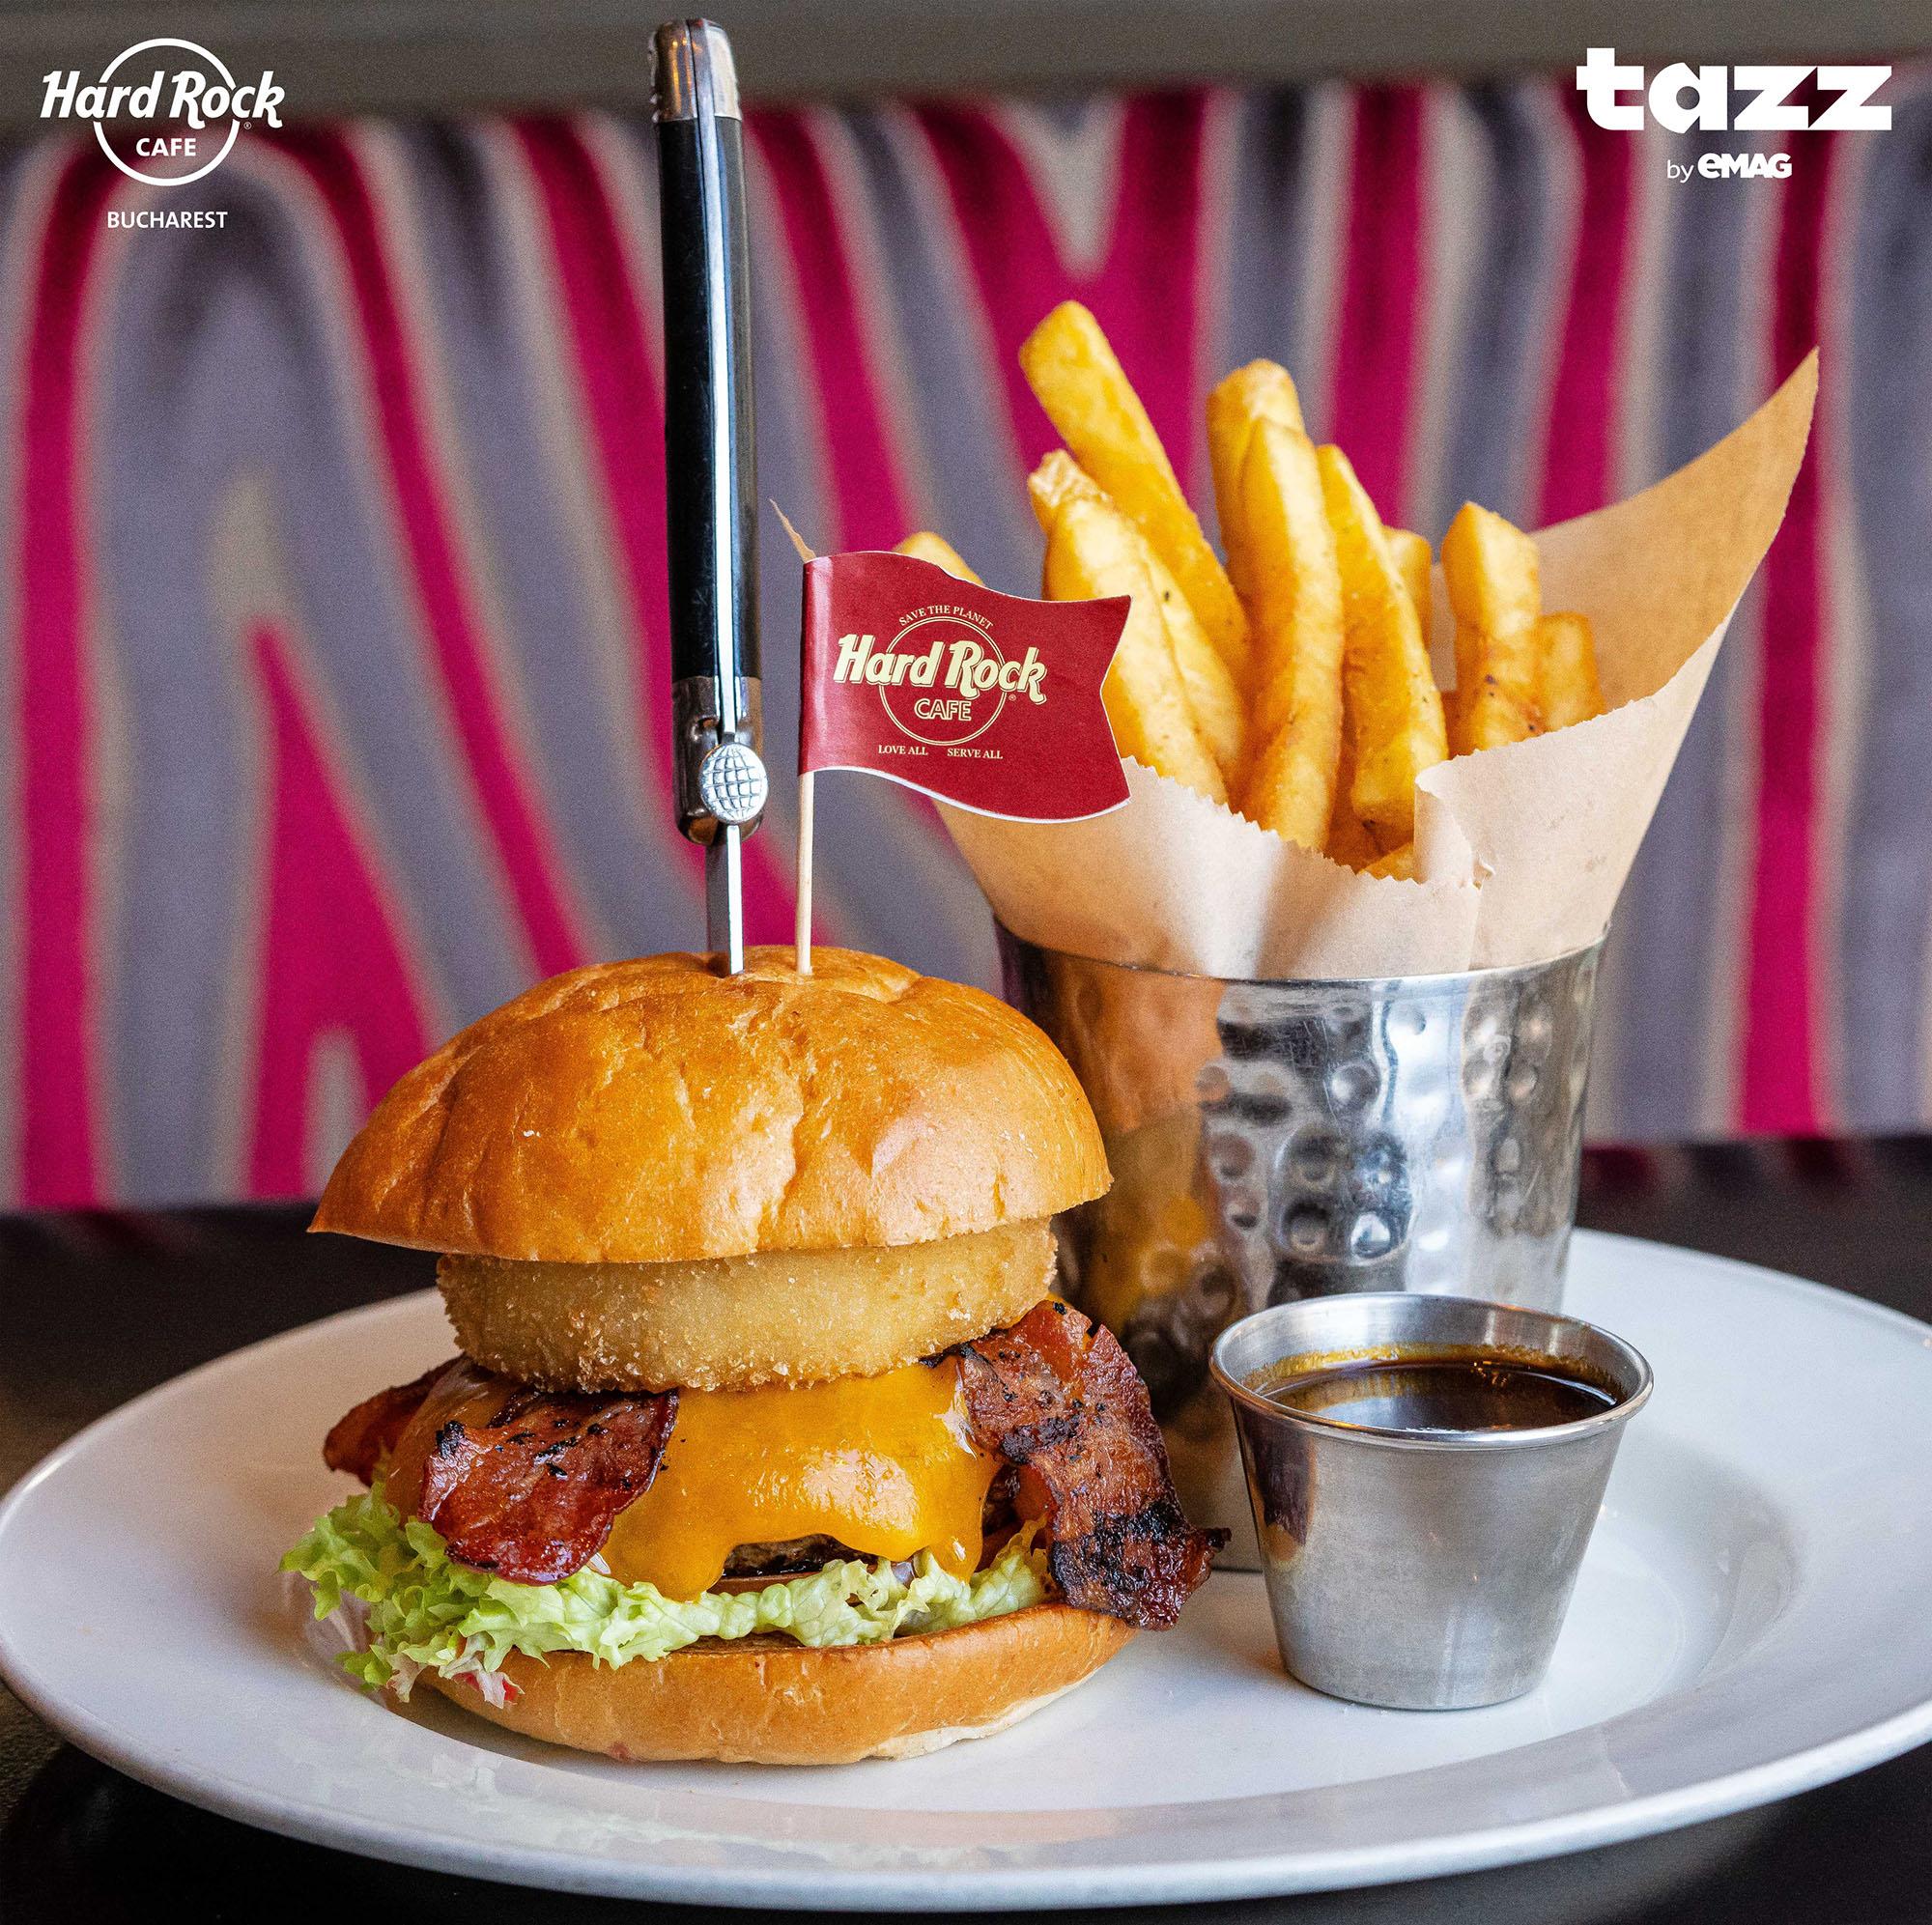 Hard Rock Cafe livrează prinTazz by eMAG